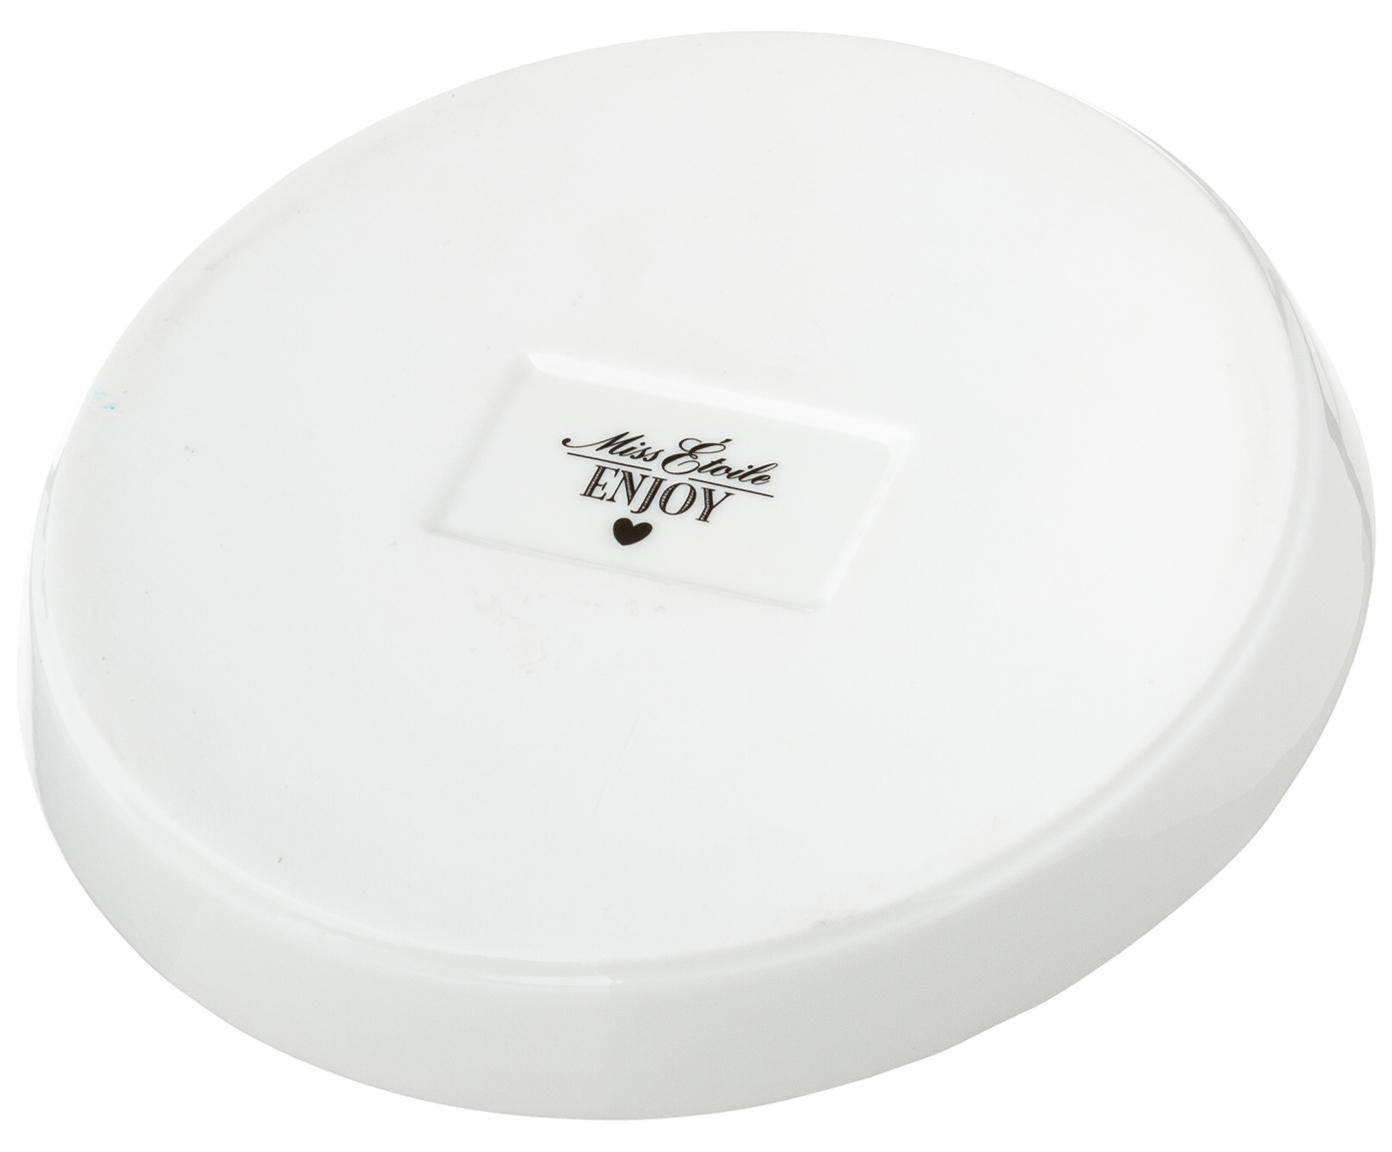 Piatto piano Stripe, Ceramica, Nero, bianco, Ø 17 cm